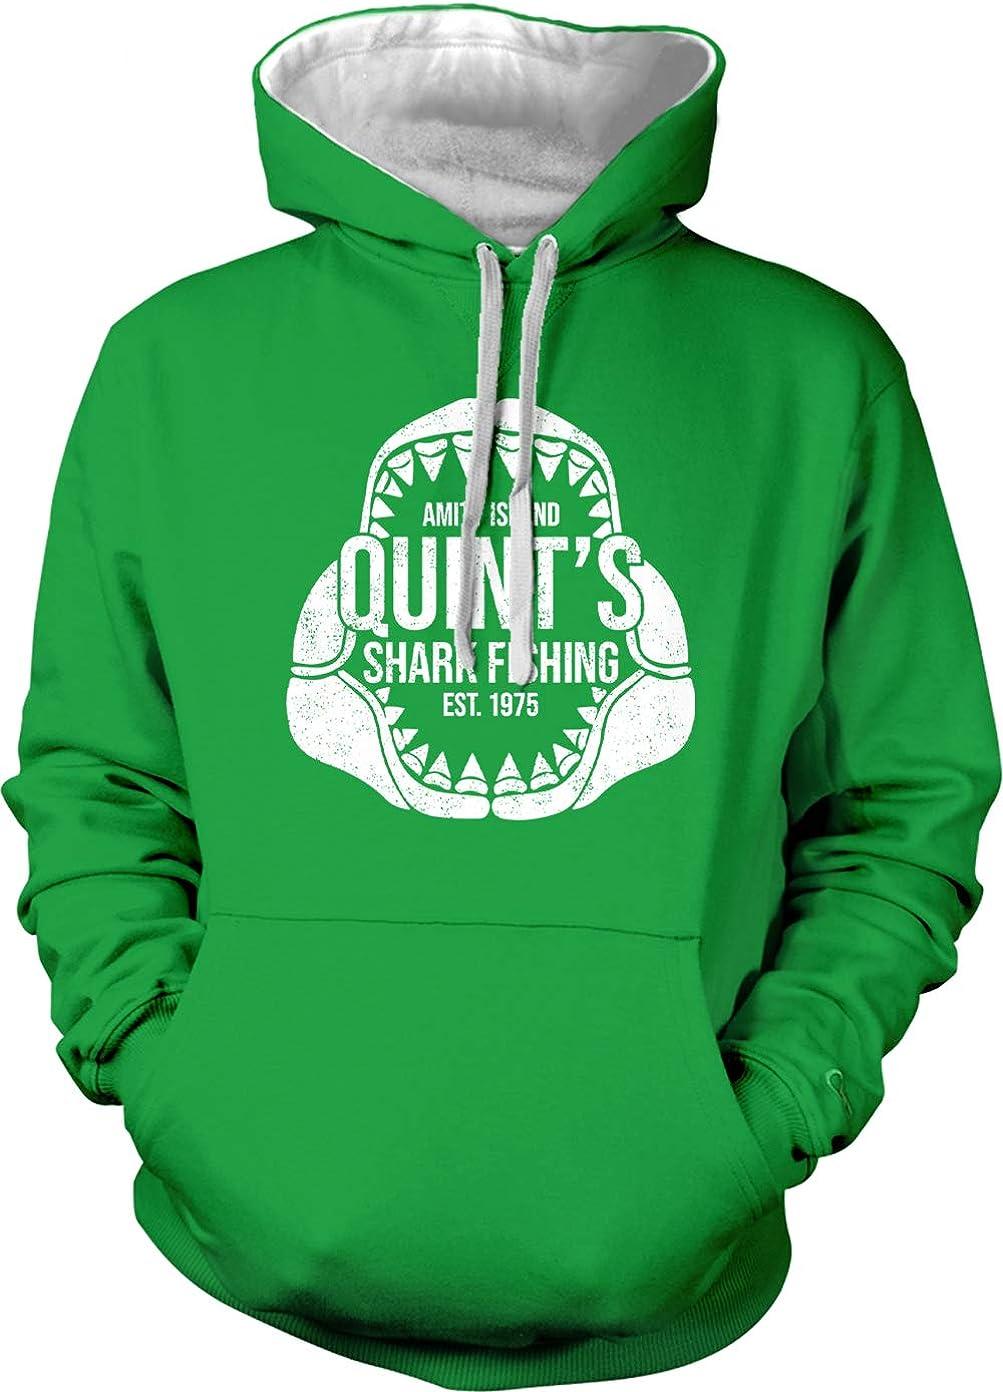 Quint's Shark Fishing - Amity Island Parody Unisex Hoodie Sweatshirt